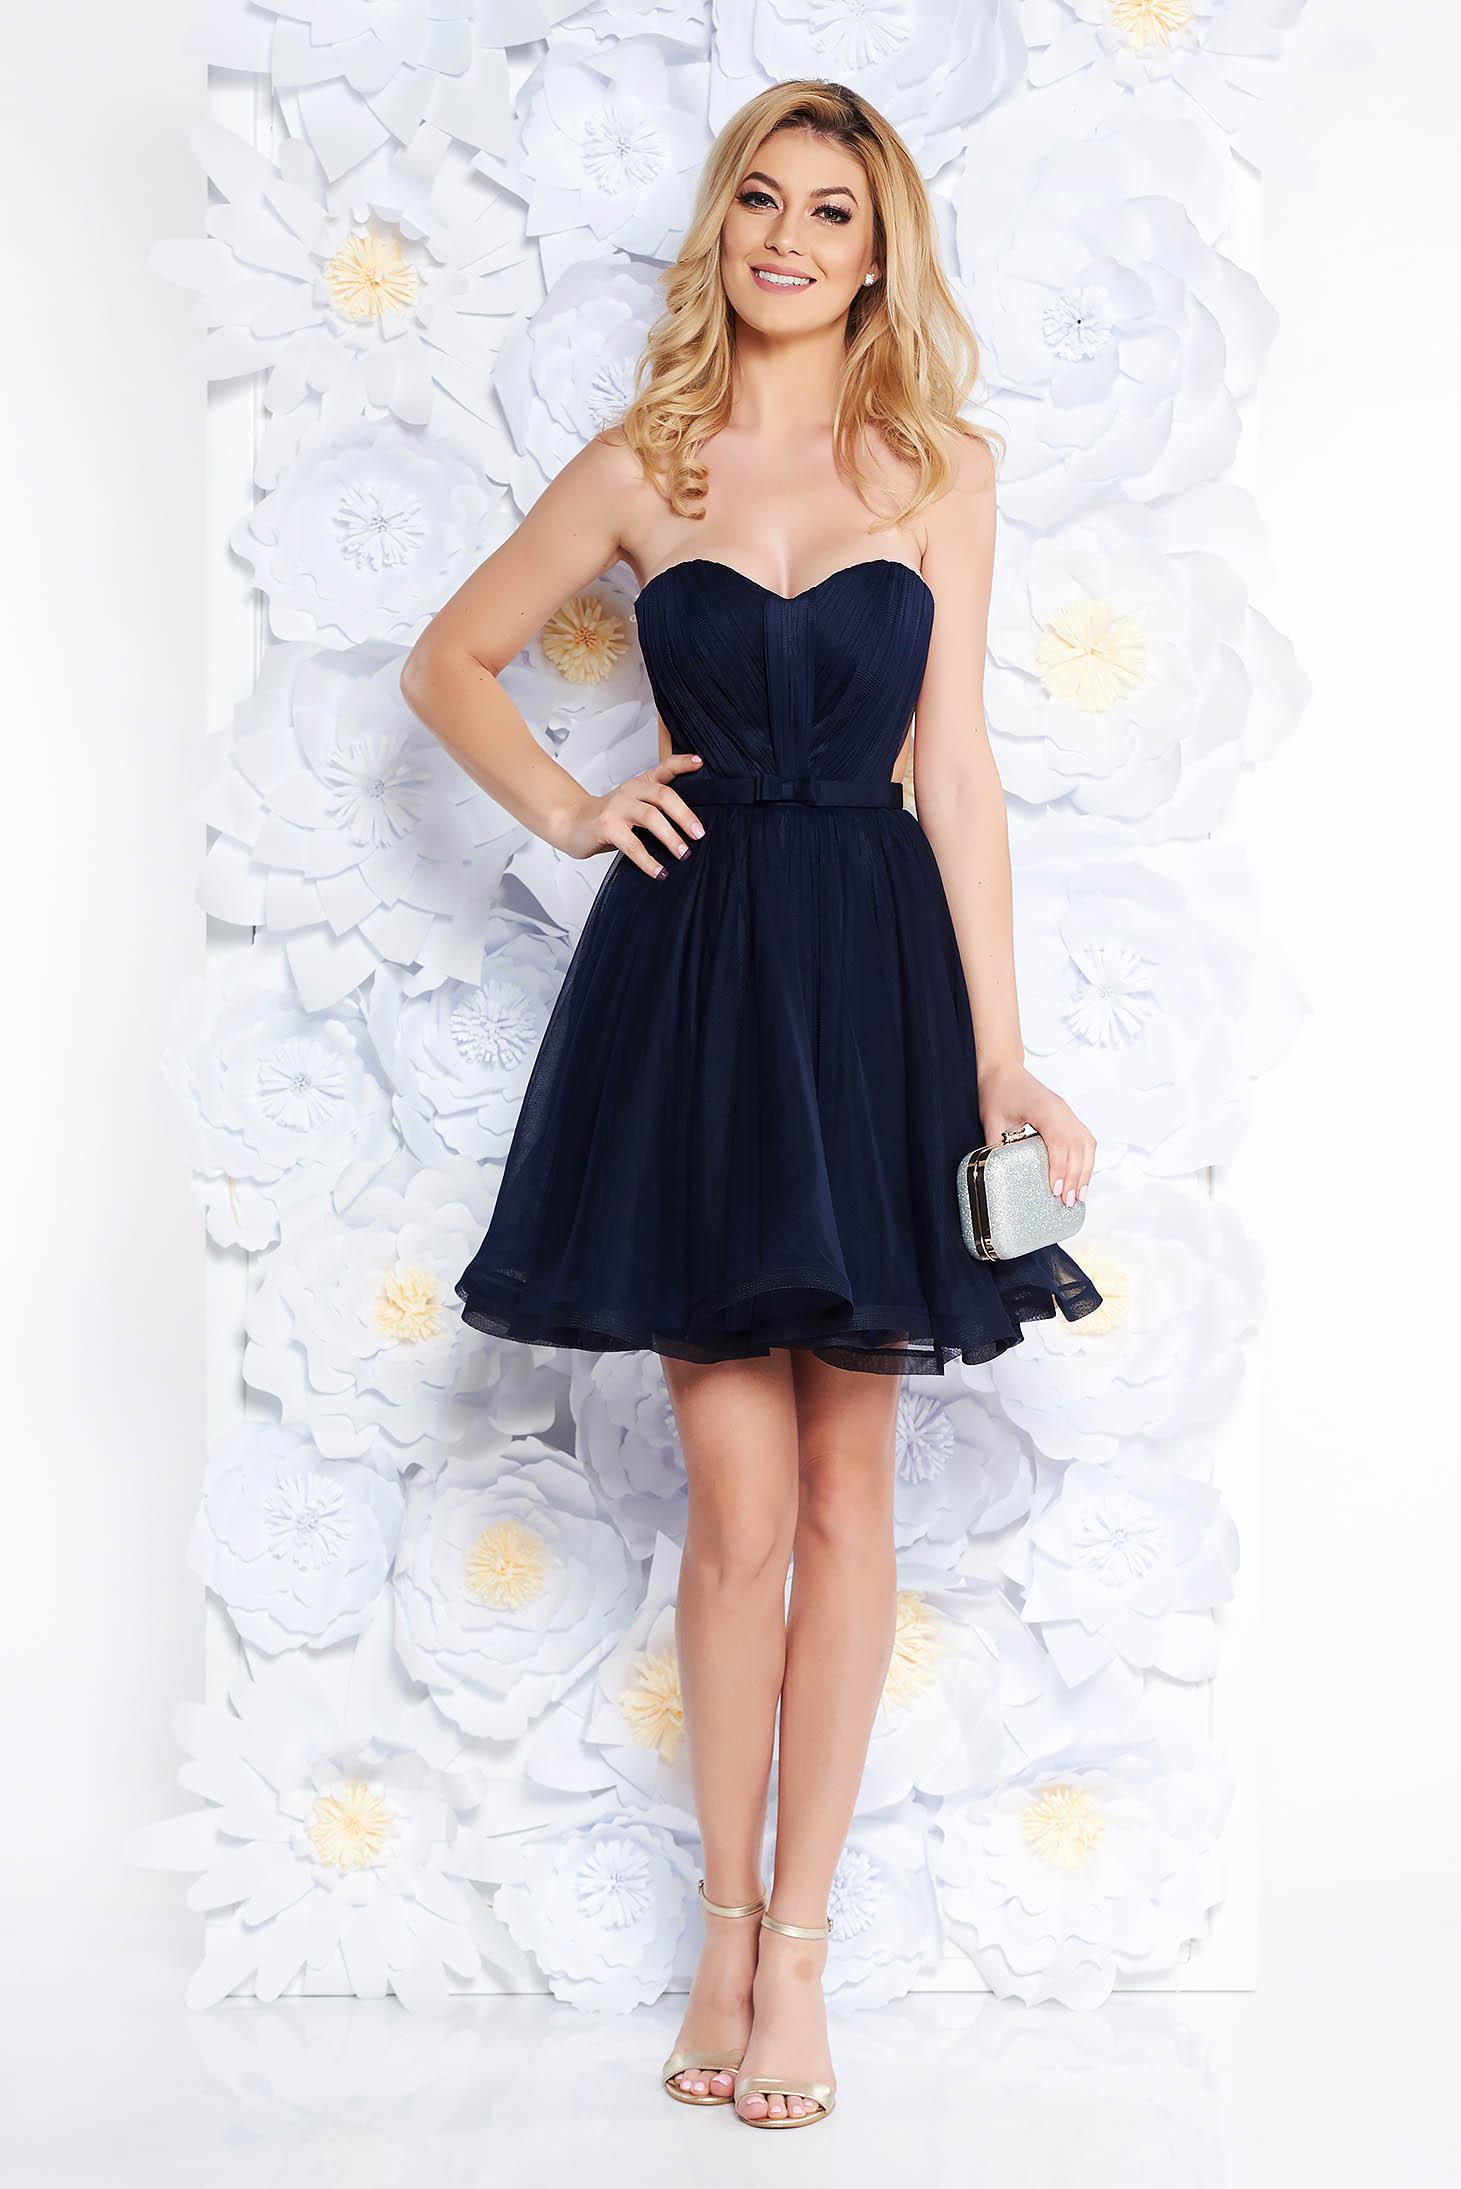 Rochie Ana Radu albastru-inchis de lux tip corset din tul captusita pe interior cu bust buretat accesorizata cu cordon